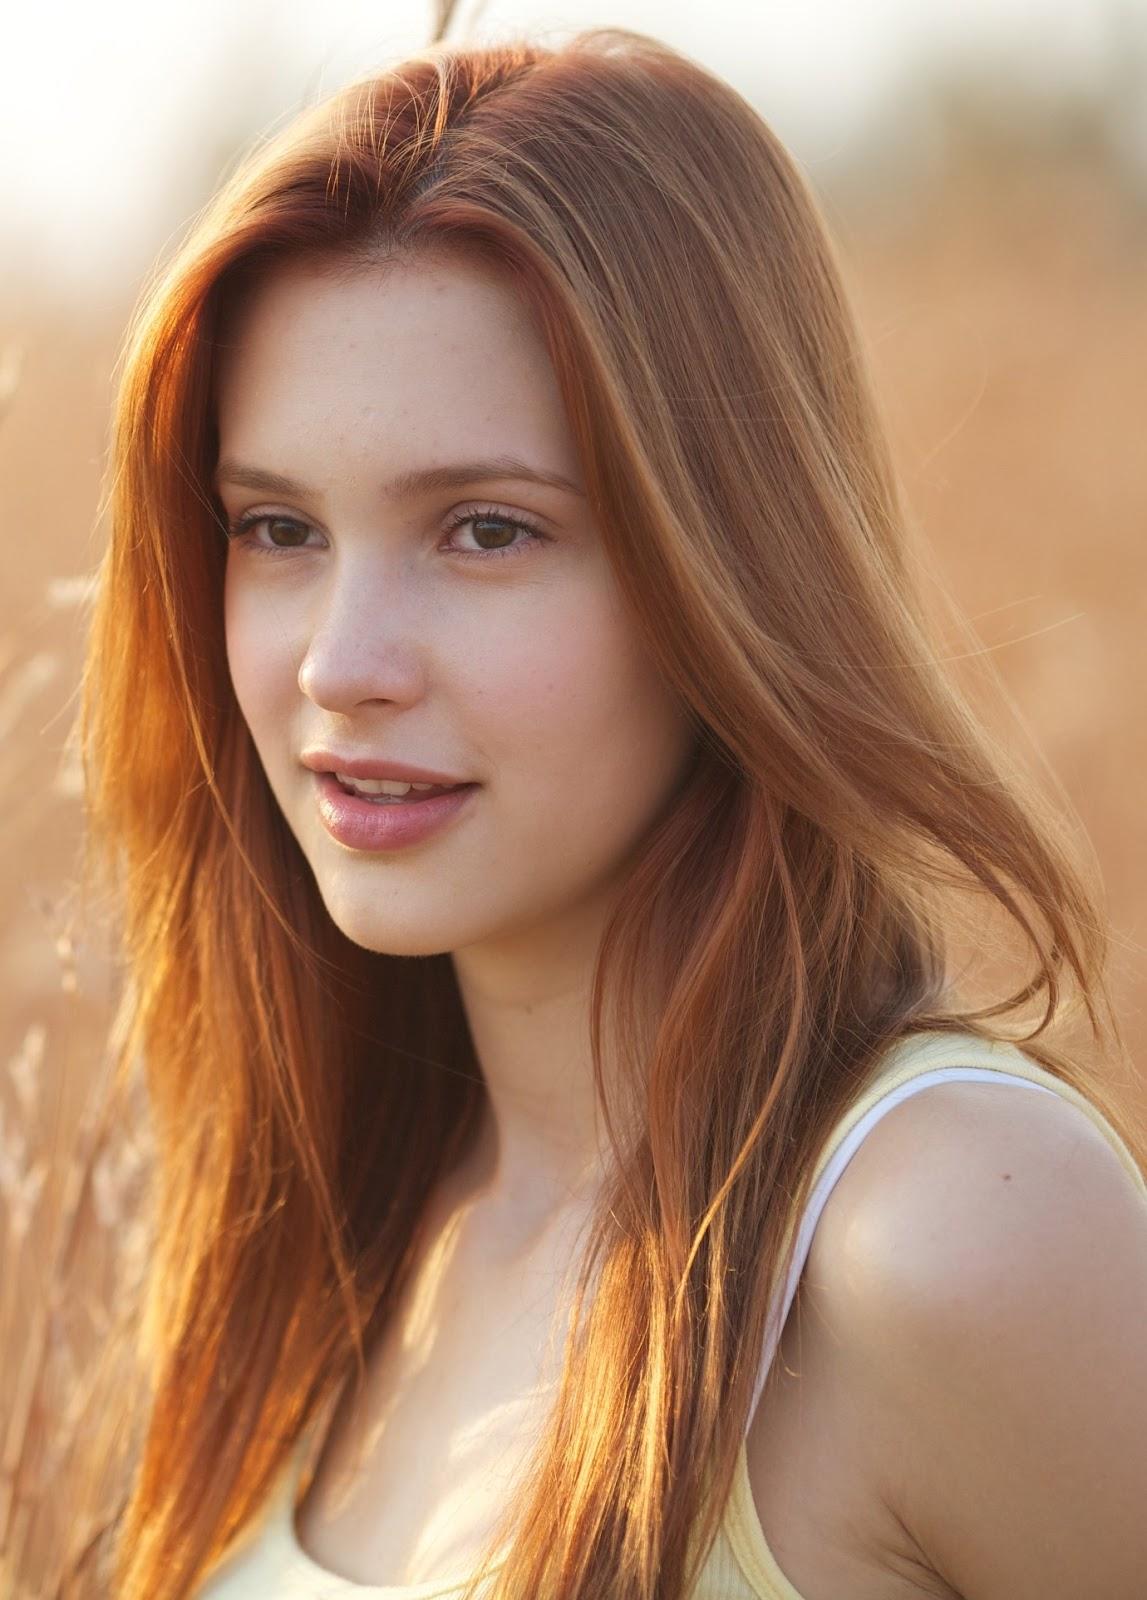 Aboutnicigiri: Alexia Fast